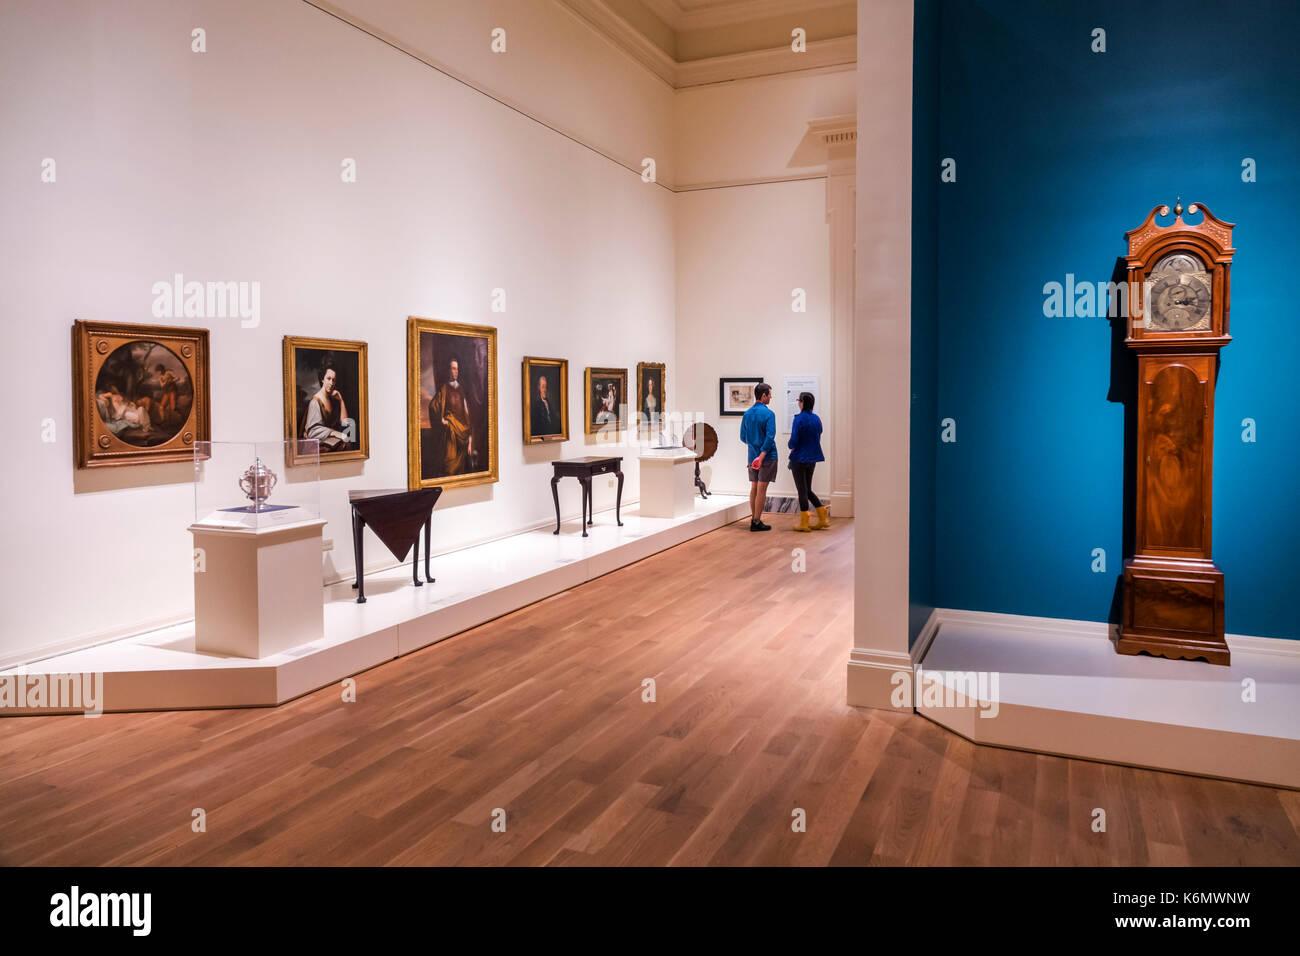 Charleston South Carolina SC Centro Storico Gibbes Museum of Art presentano interni arredamento galleria Immagini Stock